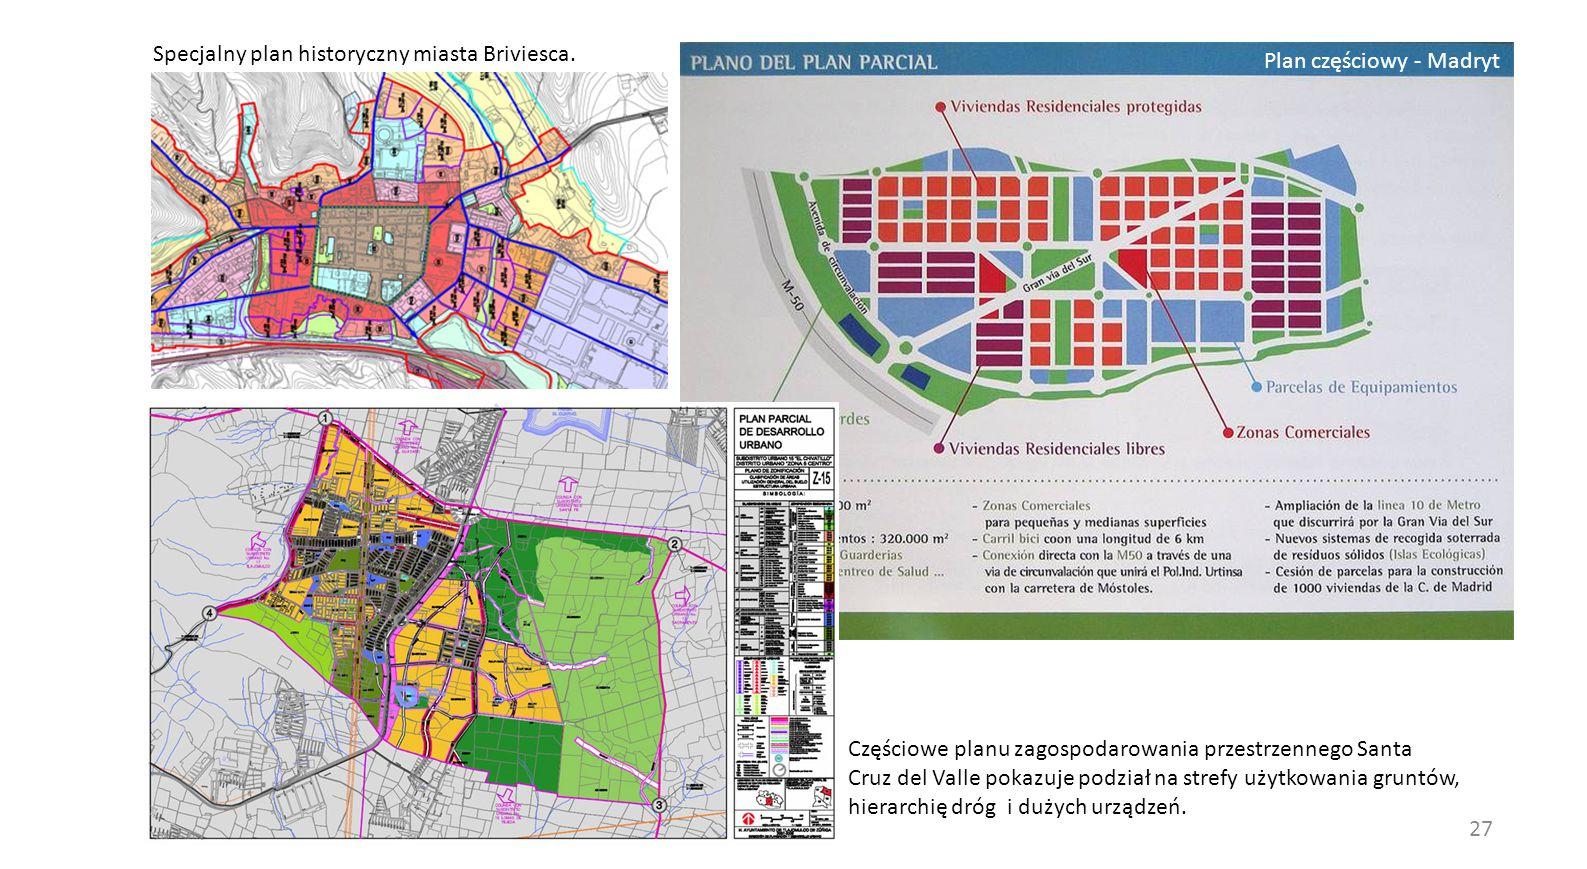 Specjalny plan historyczny miasta Briviesca.